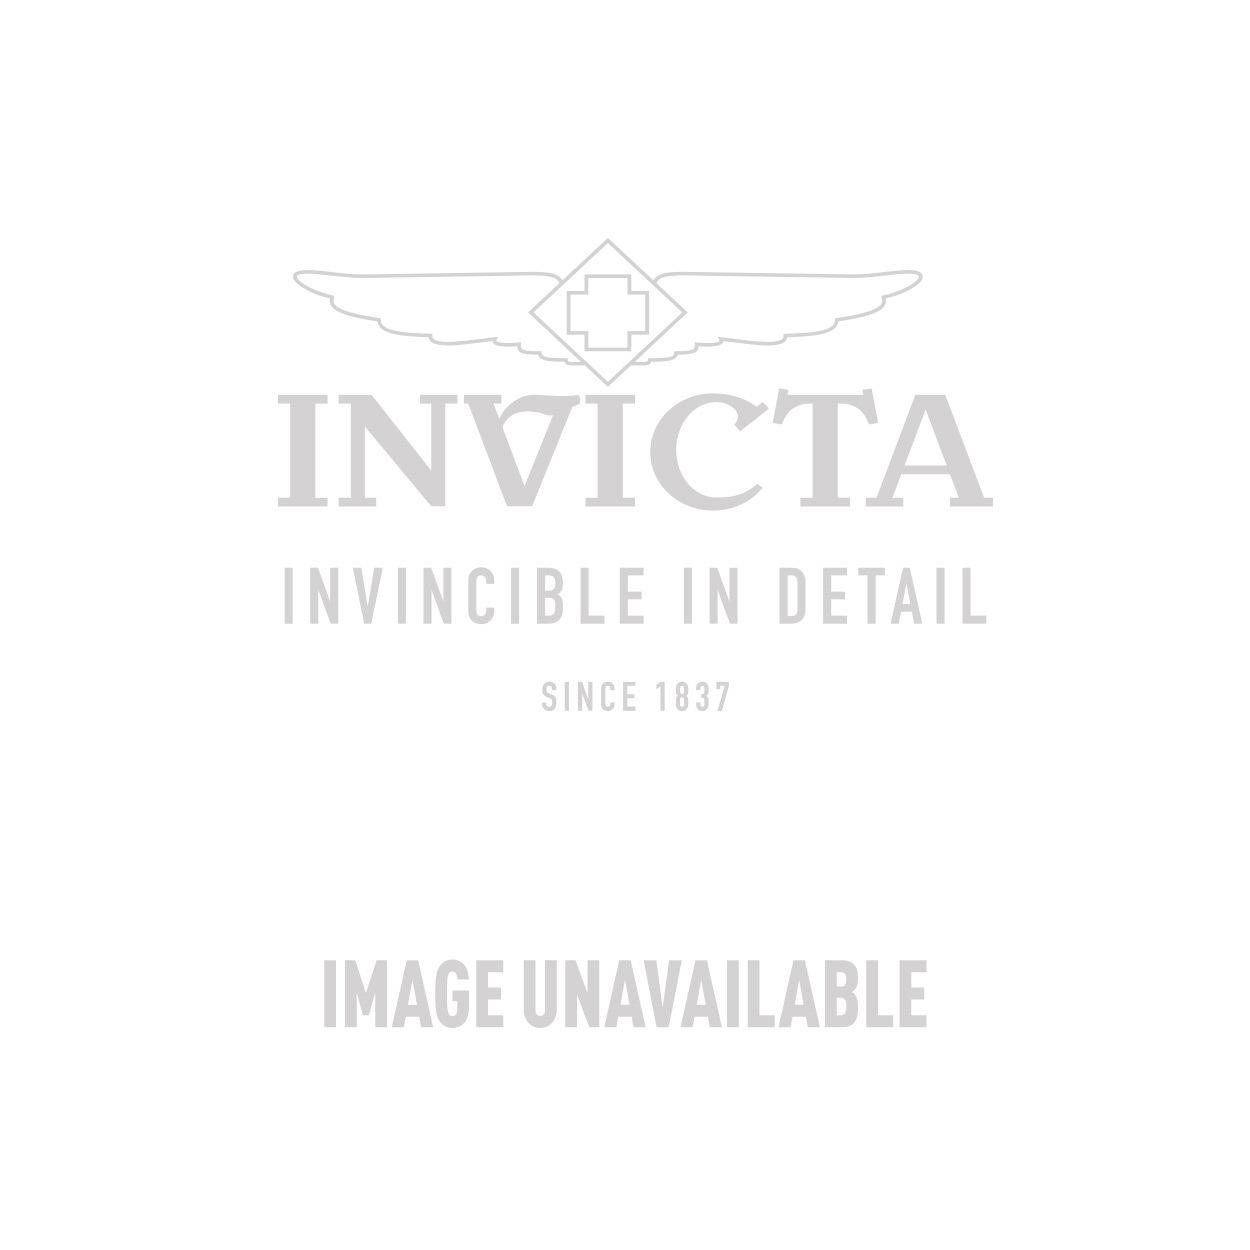 Invicta Model 26978